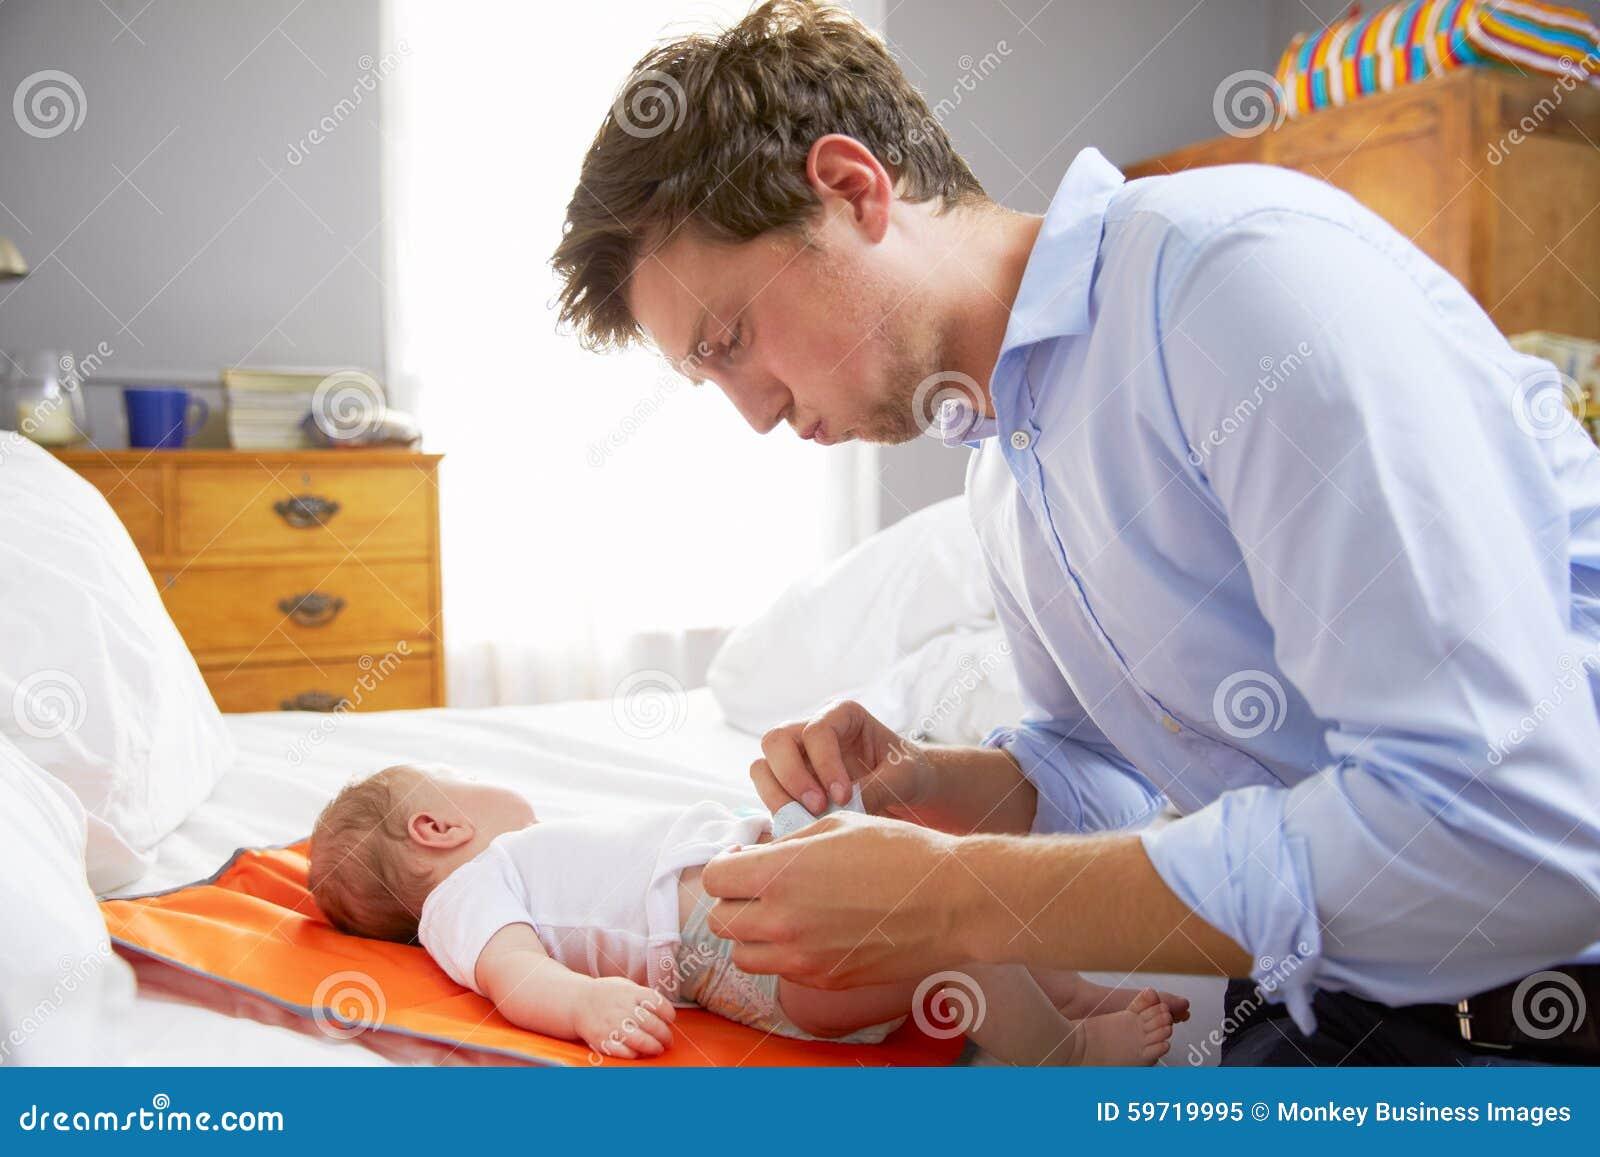 Luier van de baby van vaderdressed for work de veranderende in slaapkamer stock afbeelding - Baby meisje slaapkamer foto ...